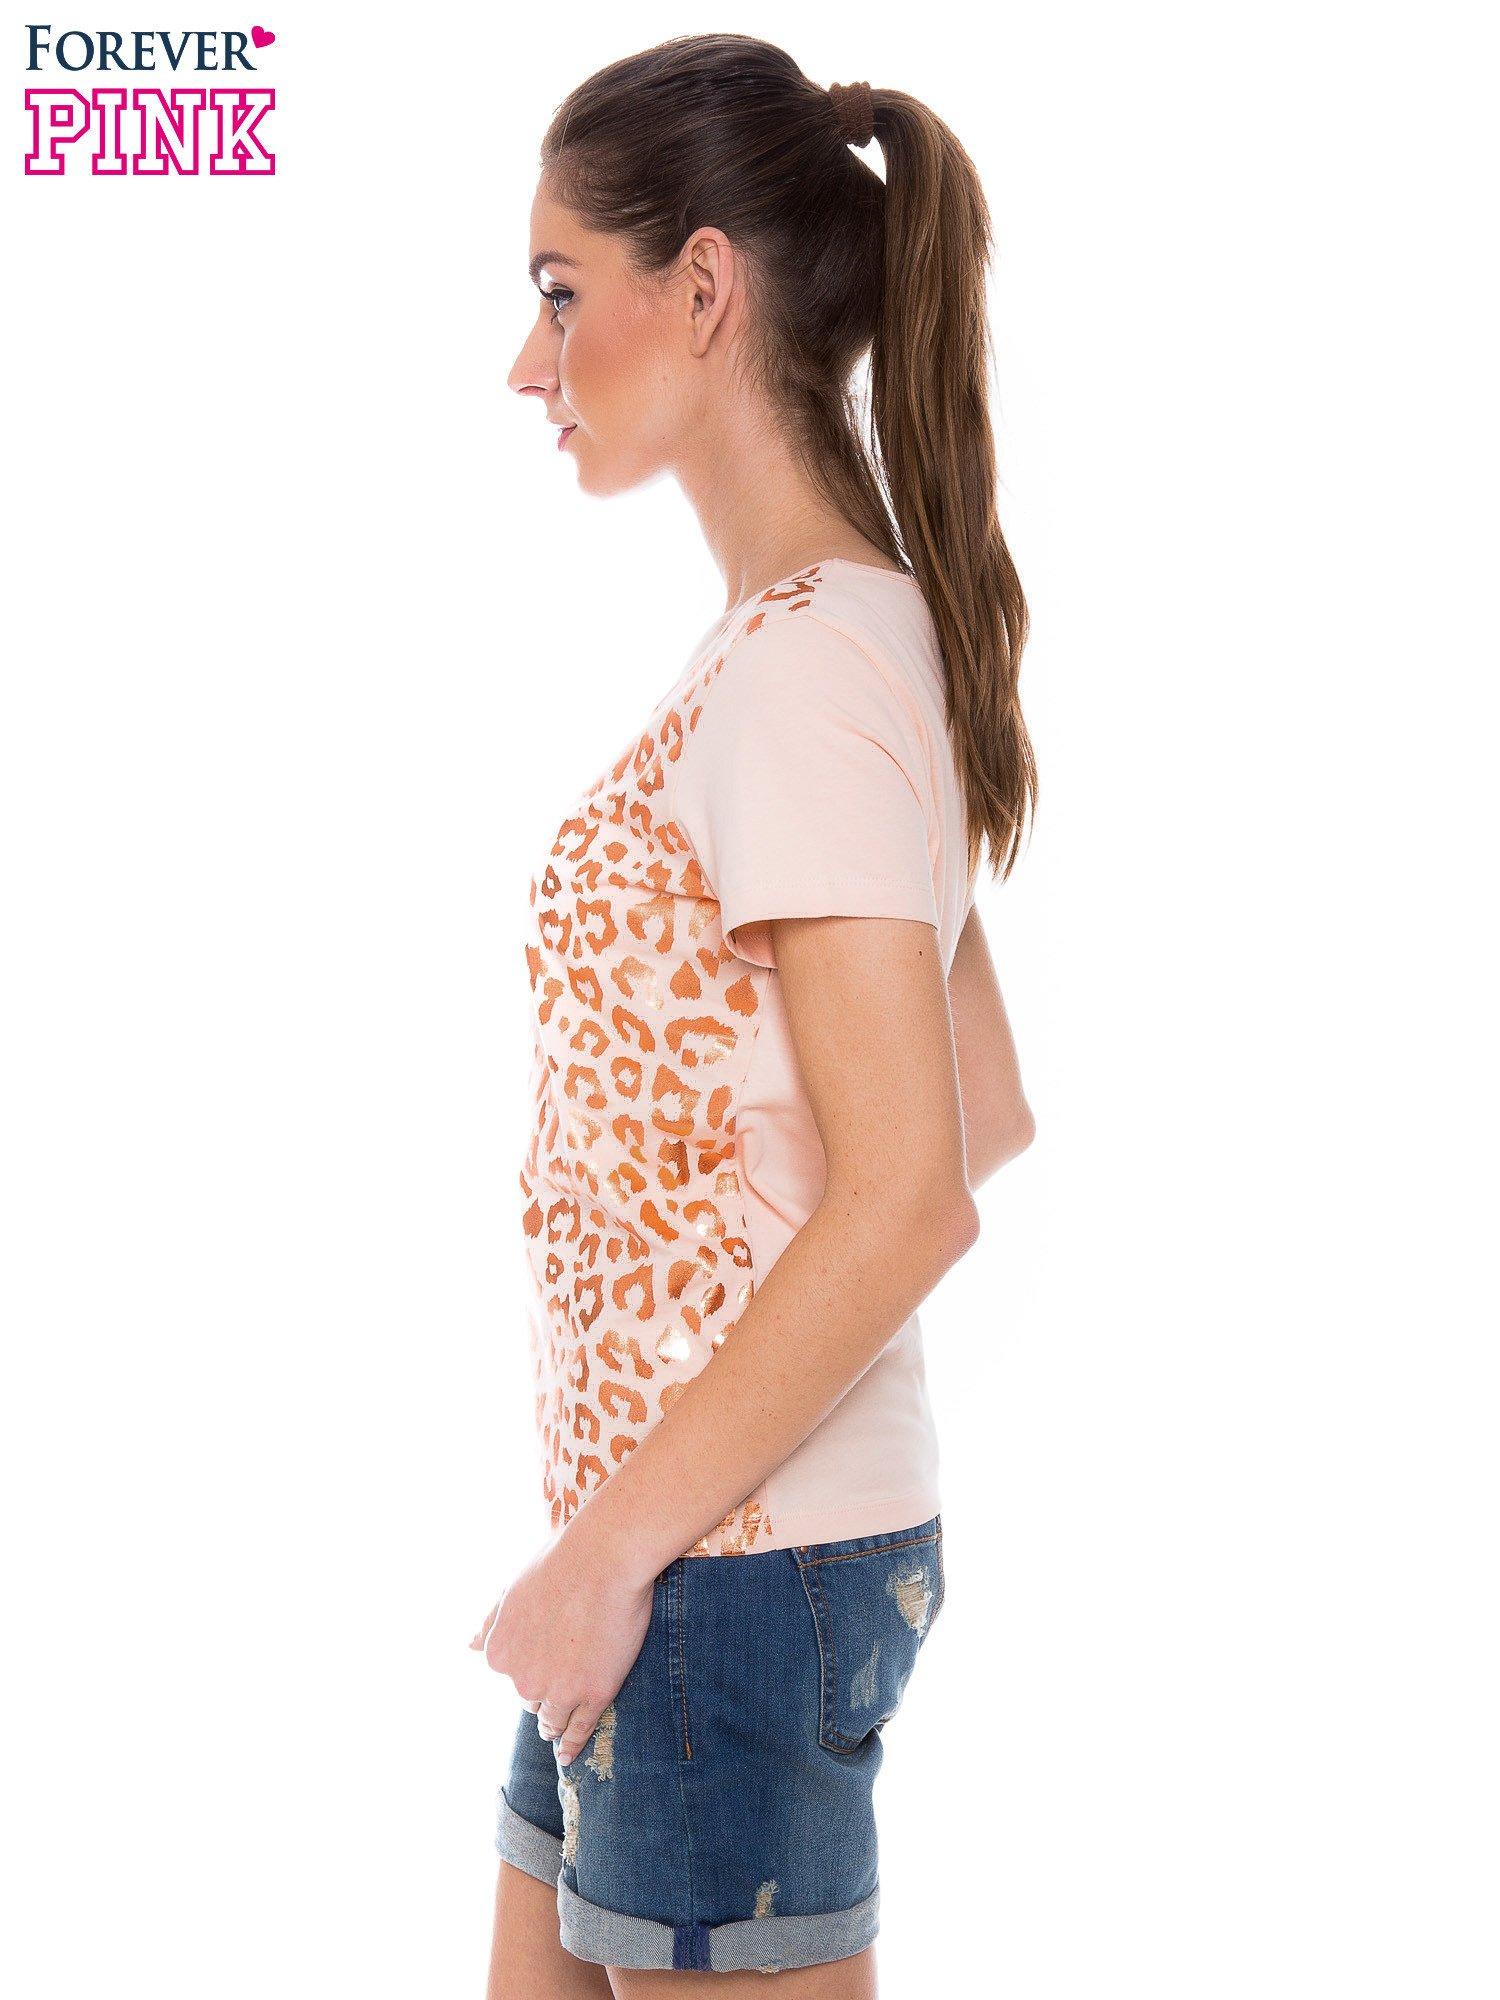 Pomarańczowokoralowy t-shirt z metalicznym nadrukiem w cętki pantery                                  zdj.                                  2